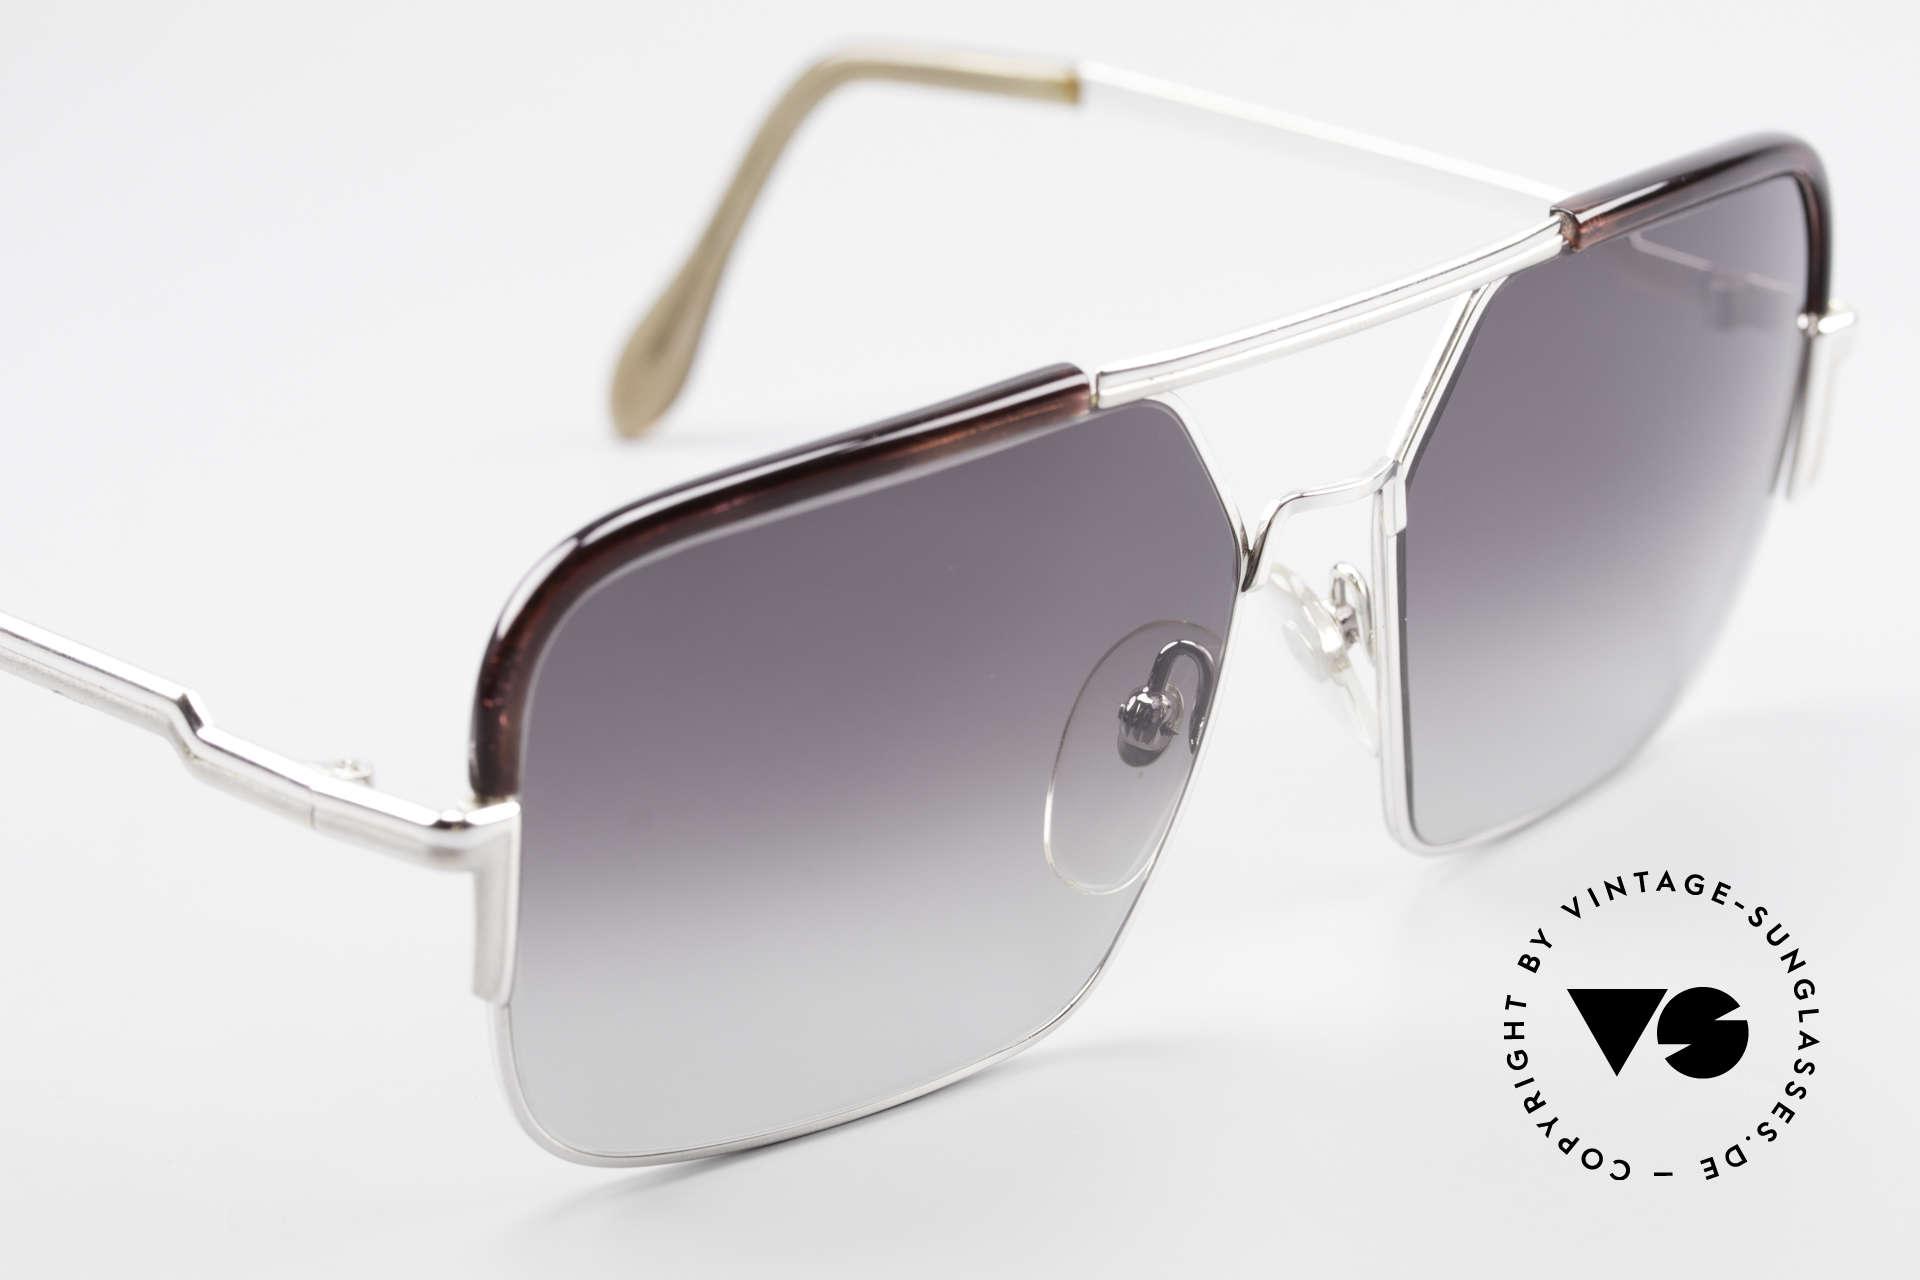 Cazal 706 70er Kombisonnenbrille 1. Serie, Kombi-Brille (Metallfassung mit Kunststoff-Oberrand), Passend für Herren